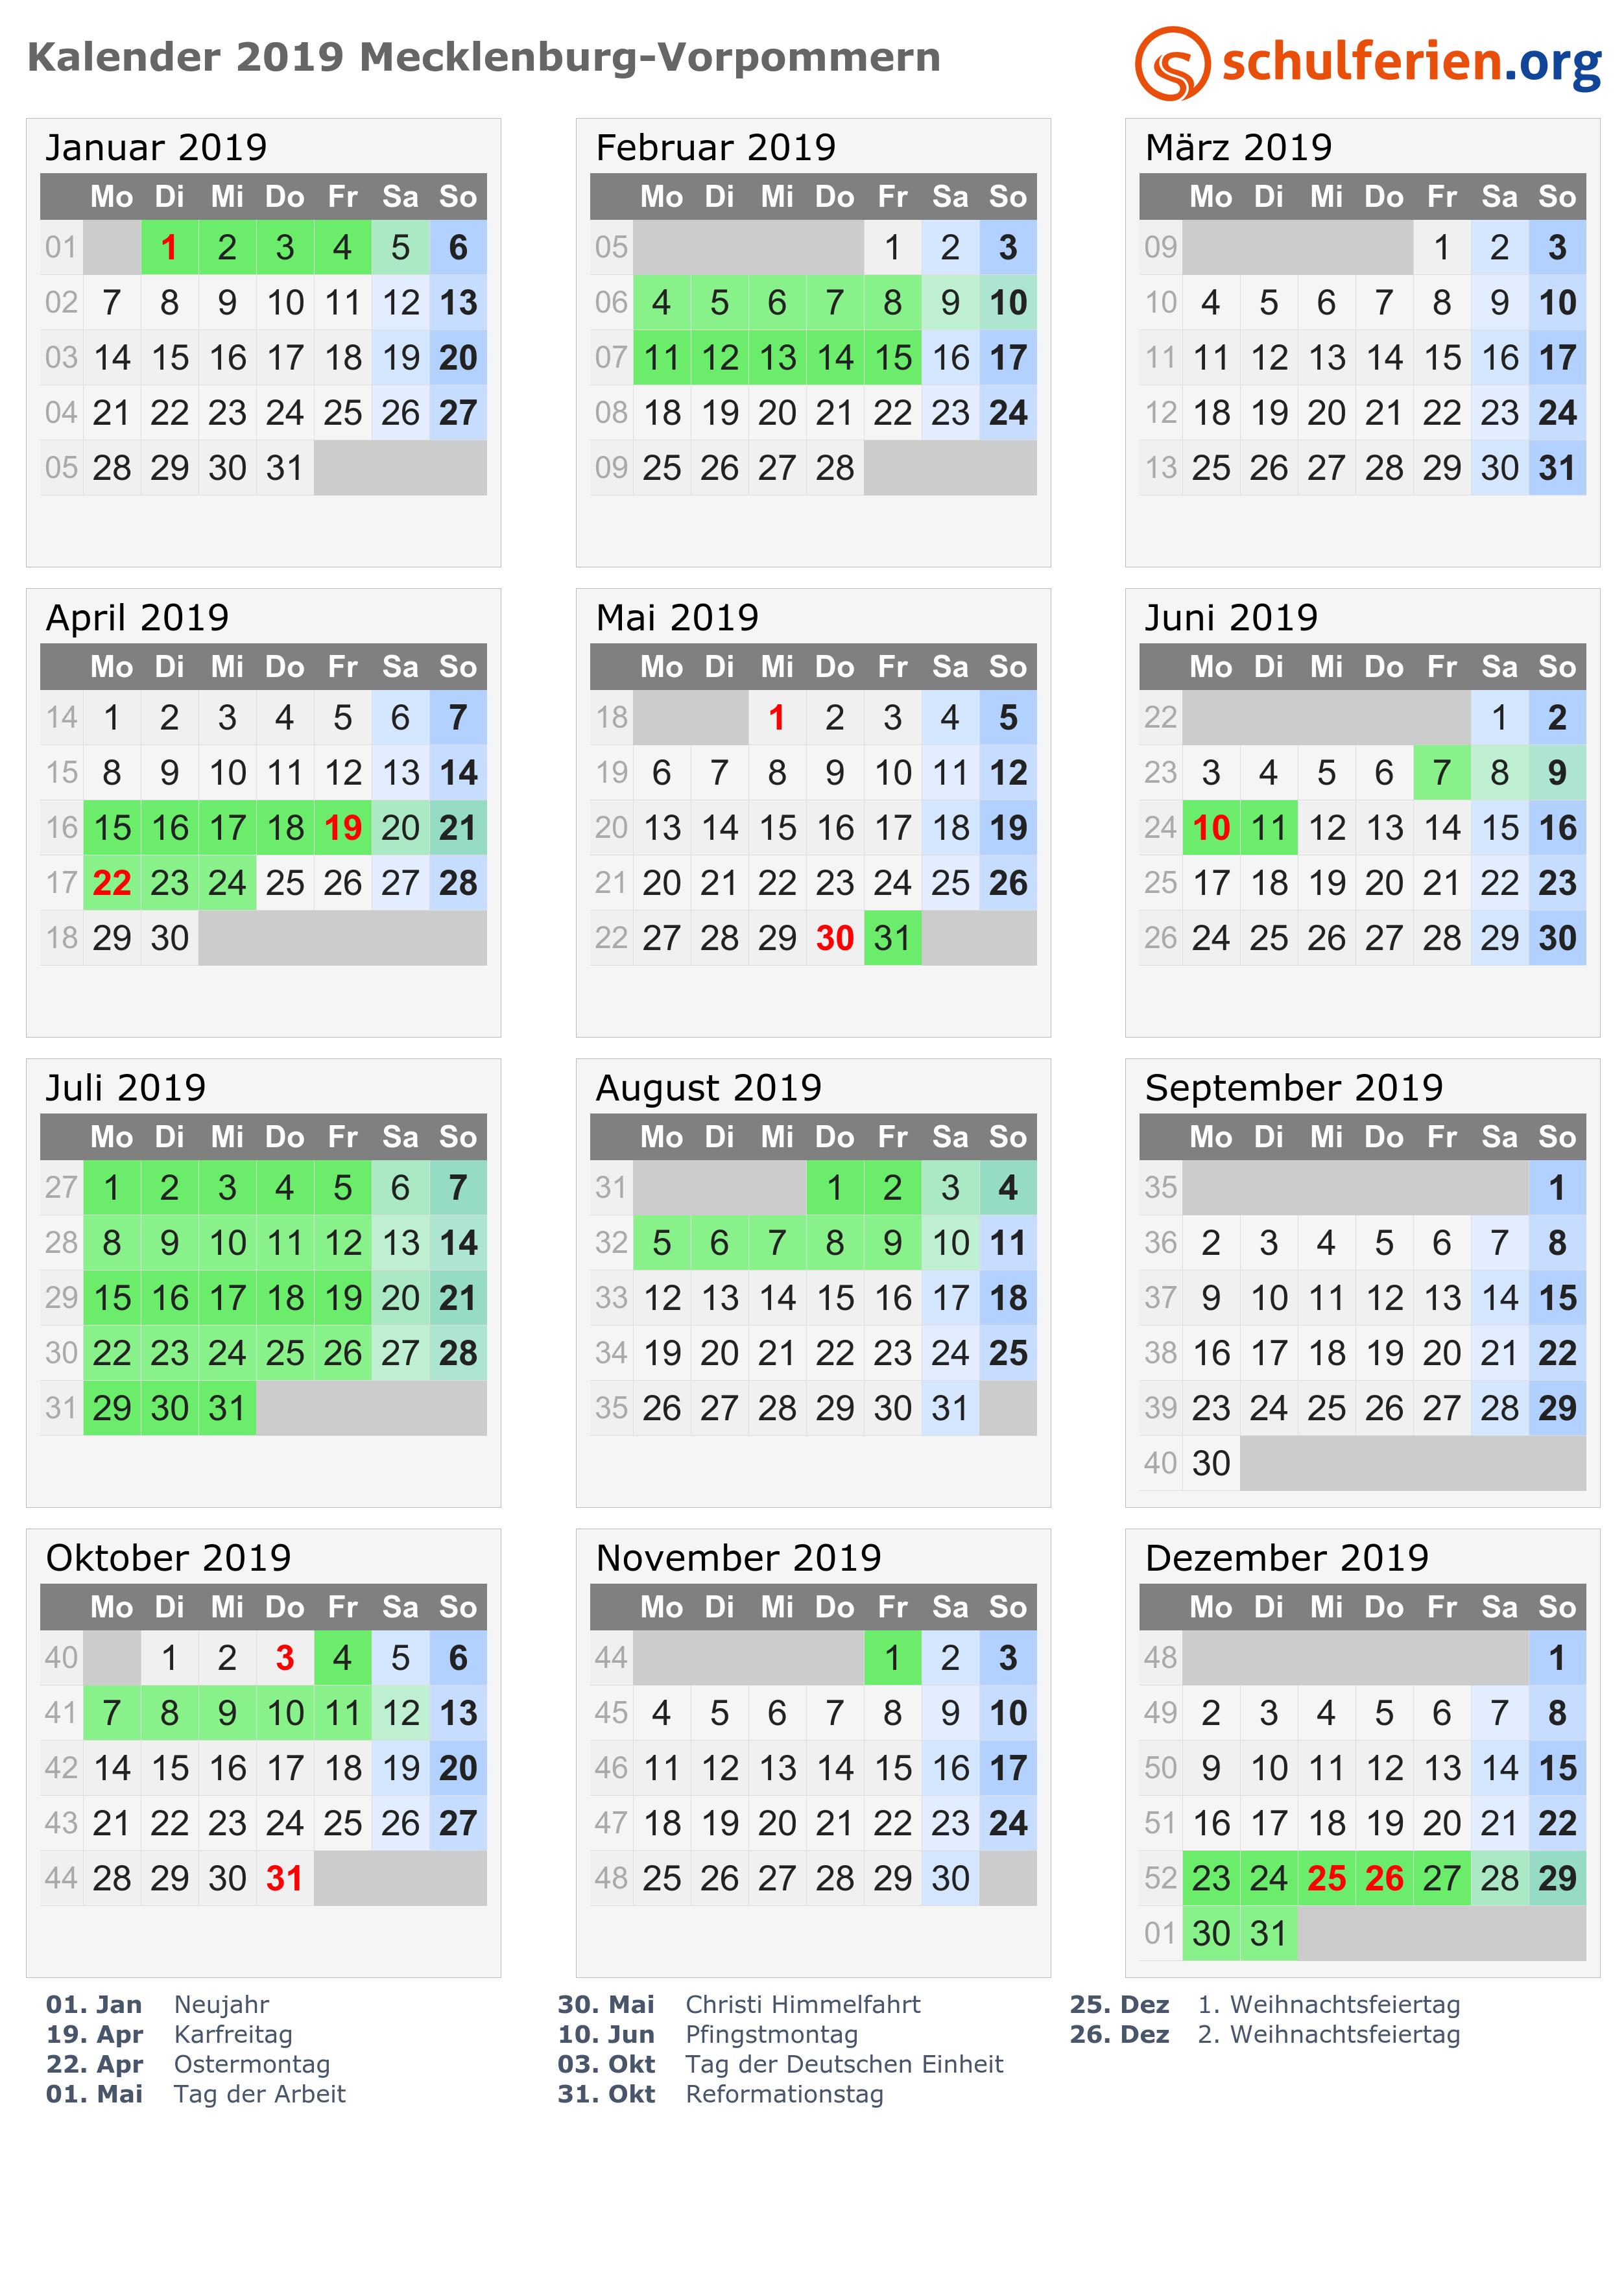 Kalender 2018 2019 2020 Mecklenburg Vorpommern